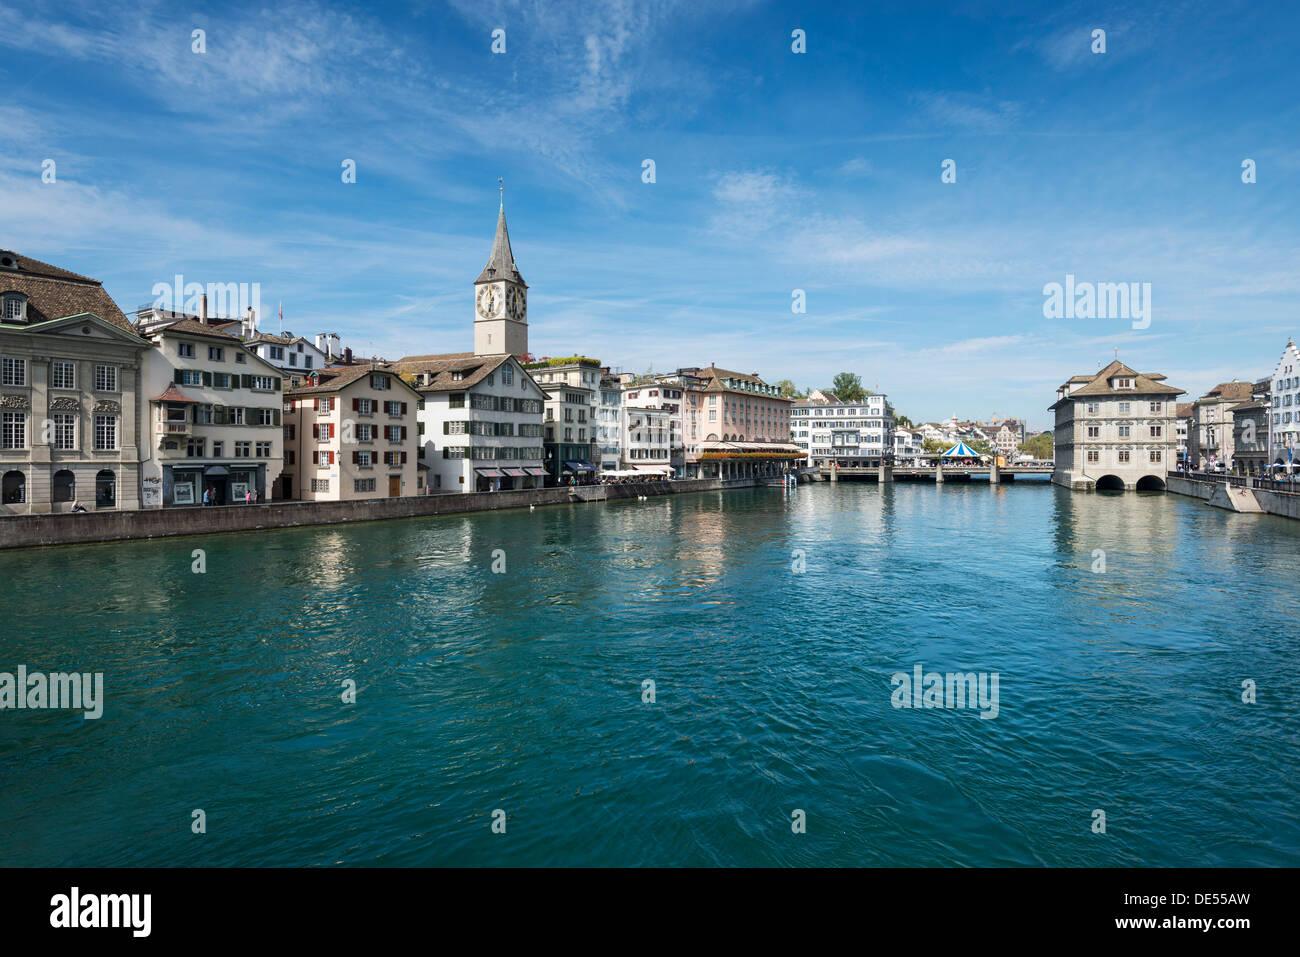 Vista del fiume Limmat, con la città vecchia promenade, Zurigo, Canton Zurigo, Svizzera, Europa Immagini Stock